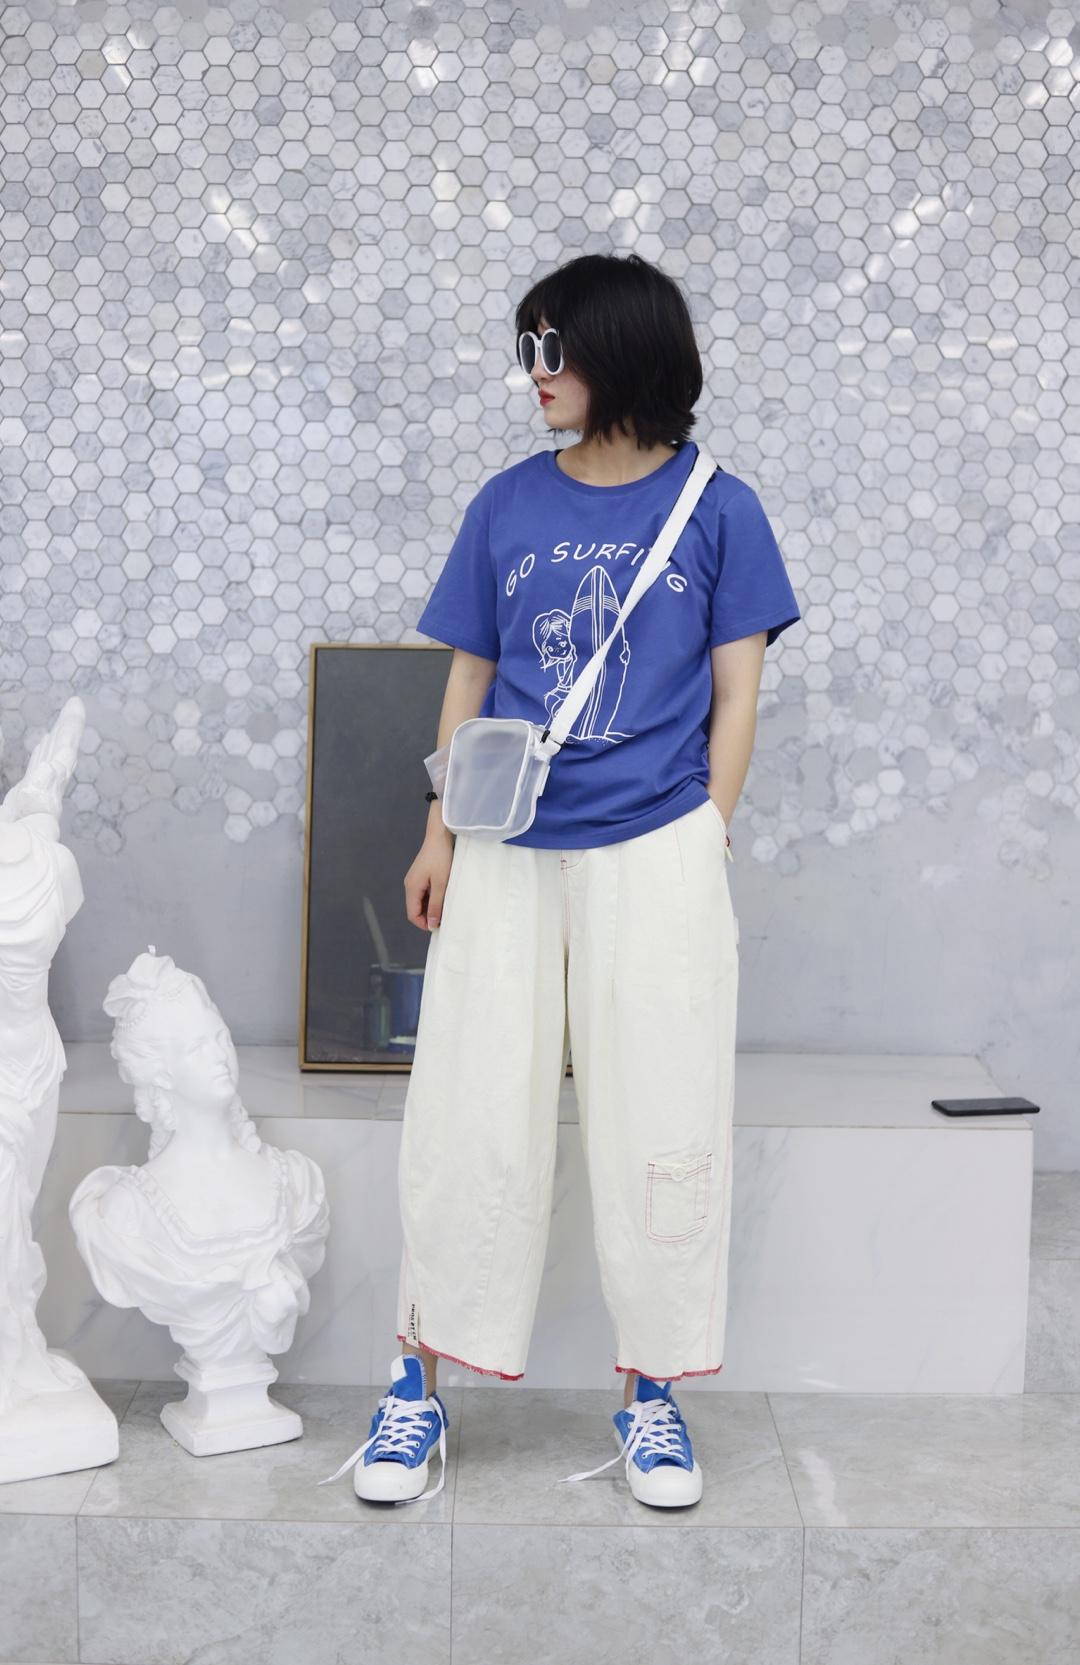 上身是一件蓝色印花短袖 下身是一条米白色直筒阔腿九分裤 搭配一双蓝色高帮帆布鞋 背上一个白色透明的斜挎包 戴上一副白色的墨镜 这样一身就很显瘦显高啦 很适合小个子呢而且超级喜欢蓝色啦 #小个子暑期穿衣指南#